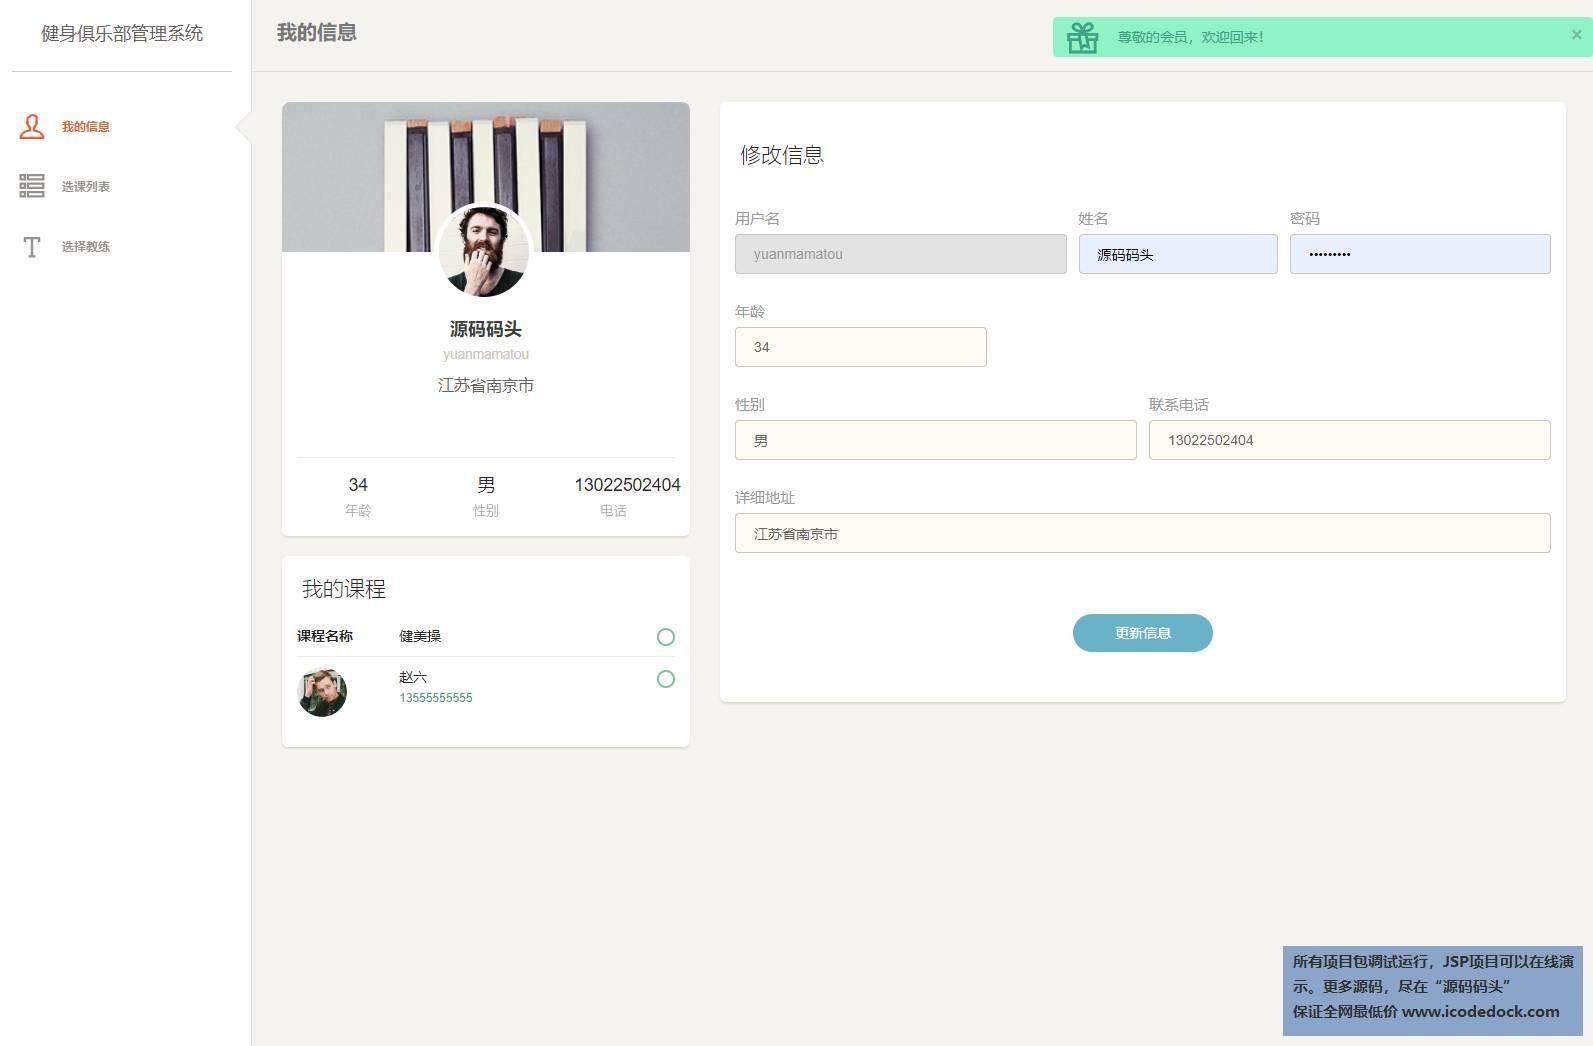 源码码头-SSM健身房管理系统-用户角色-用户首页